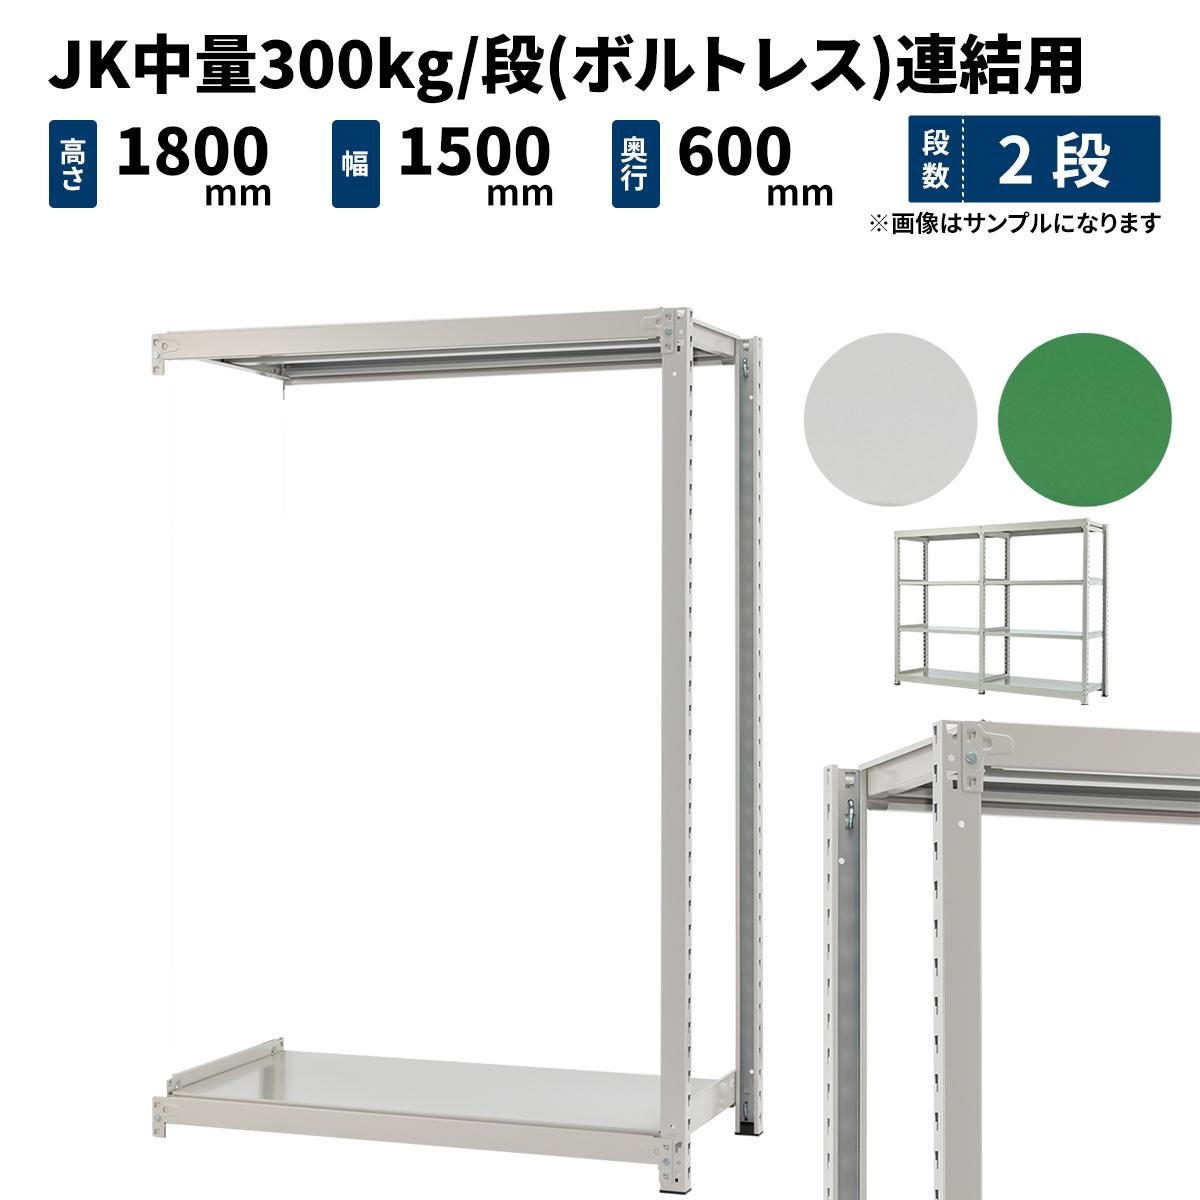 スチールラック 業務用 JK中量300kg/段(ボルトレス) 連結形式 高さ1800×幅1500×奥行600mm 2段 ホワイトグレー/グリーン (39kg) JK300_R-181506-2